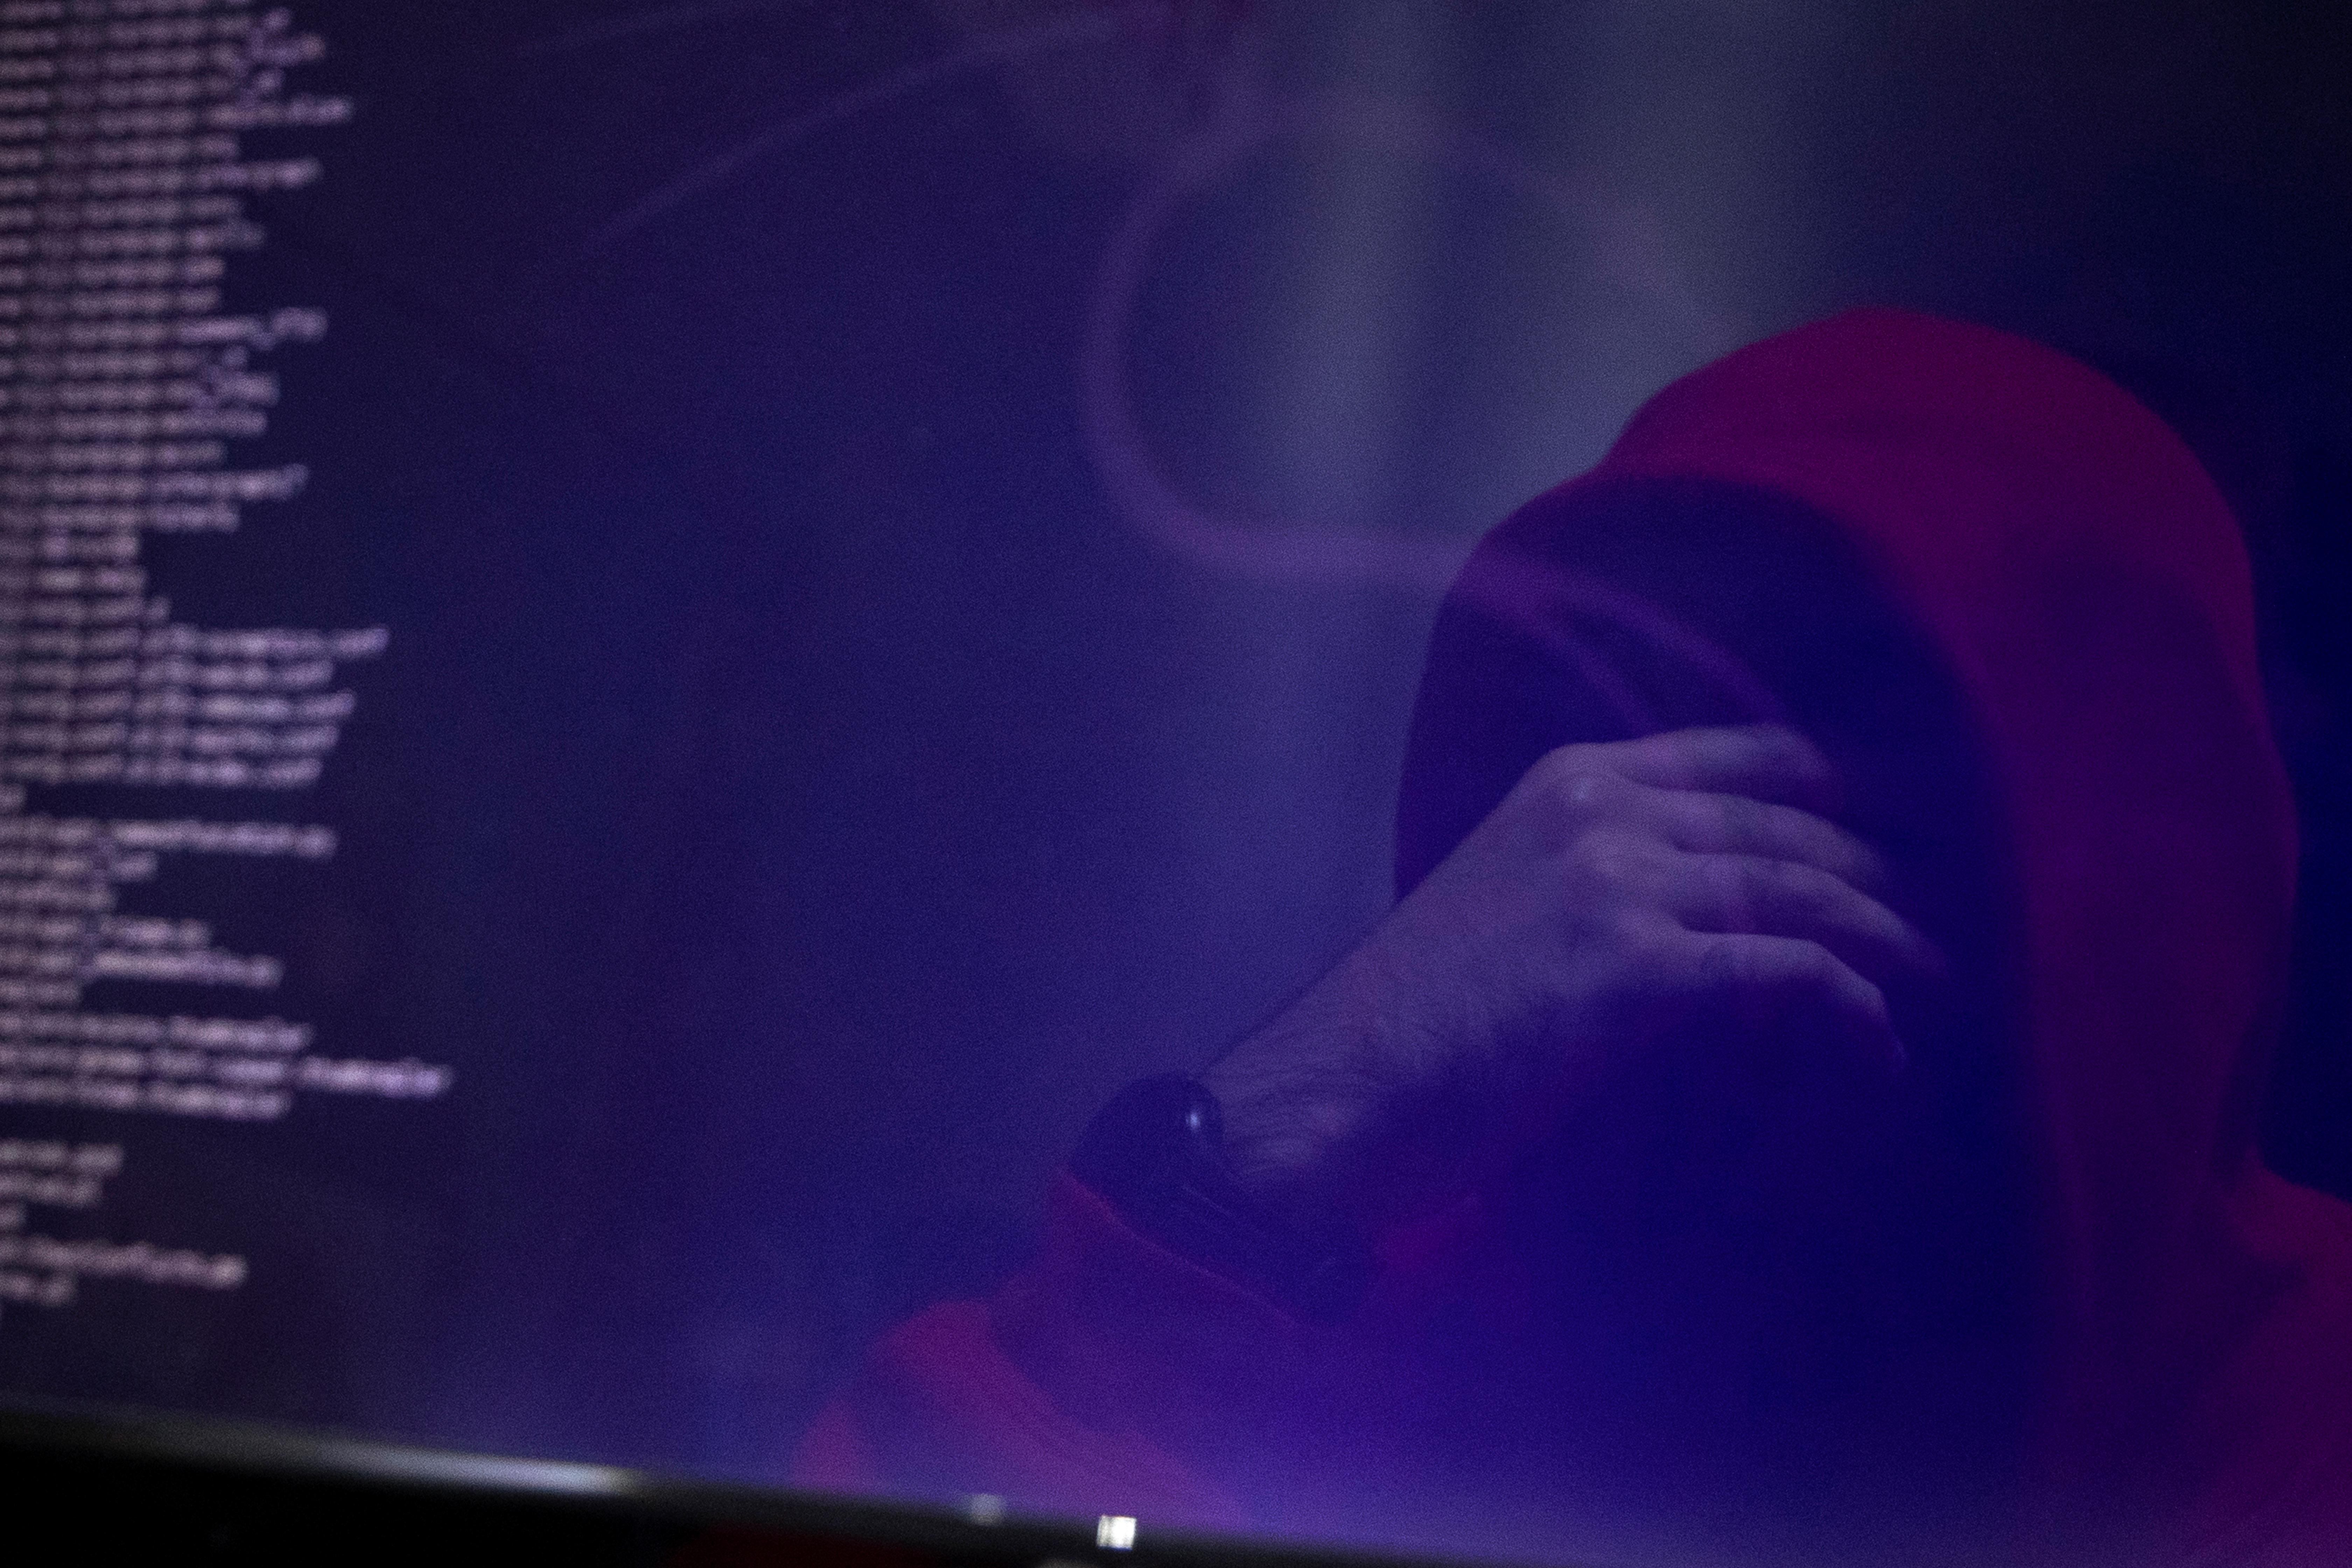 Хакеры взломали 15 тысяч частных видеокамер в Москве